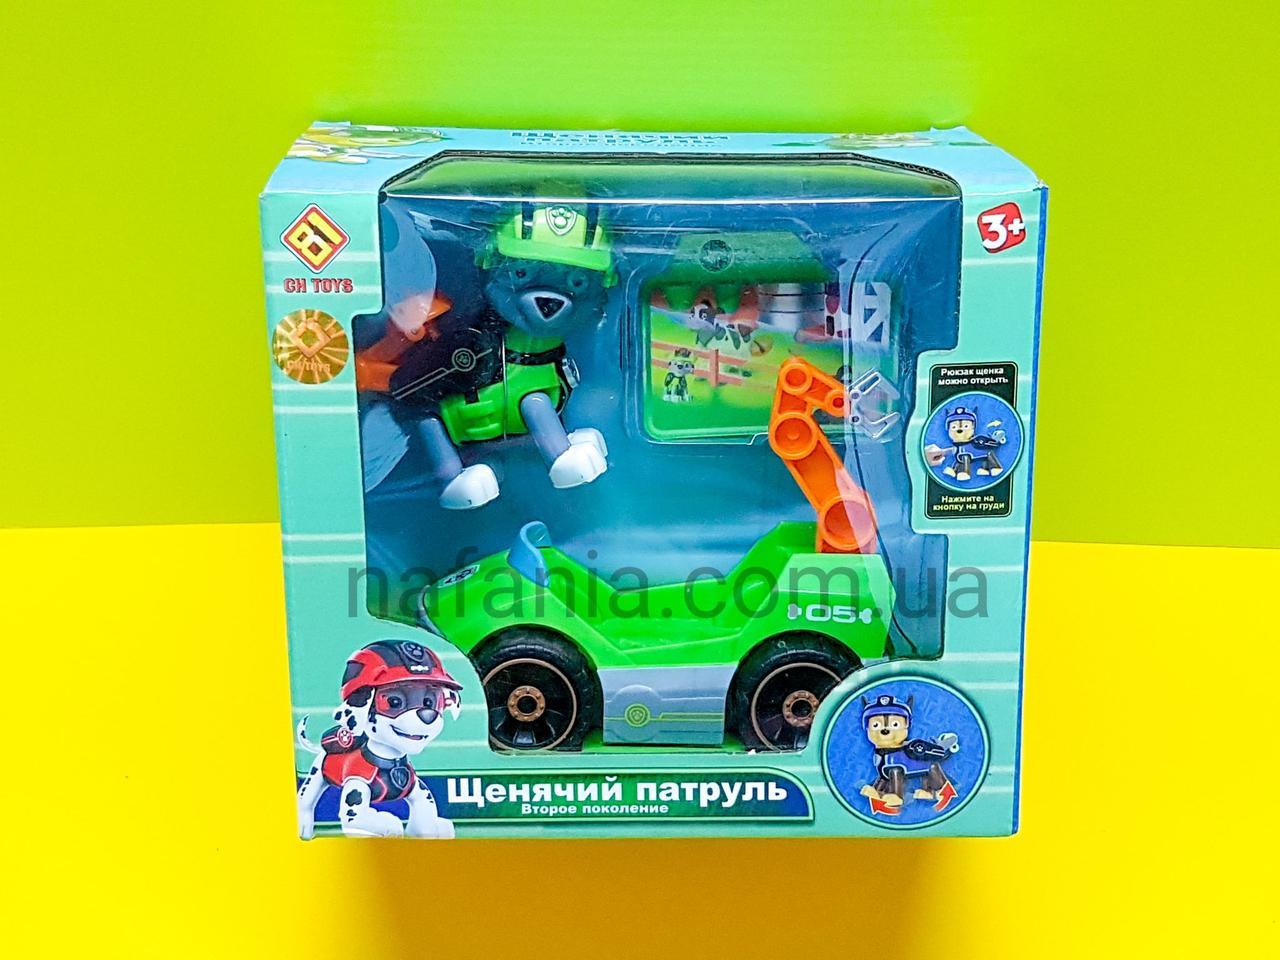 Игровой набор Щенячий патруль - Рокки с машинкой